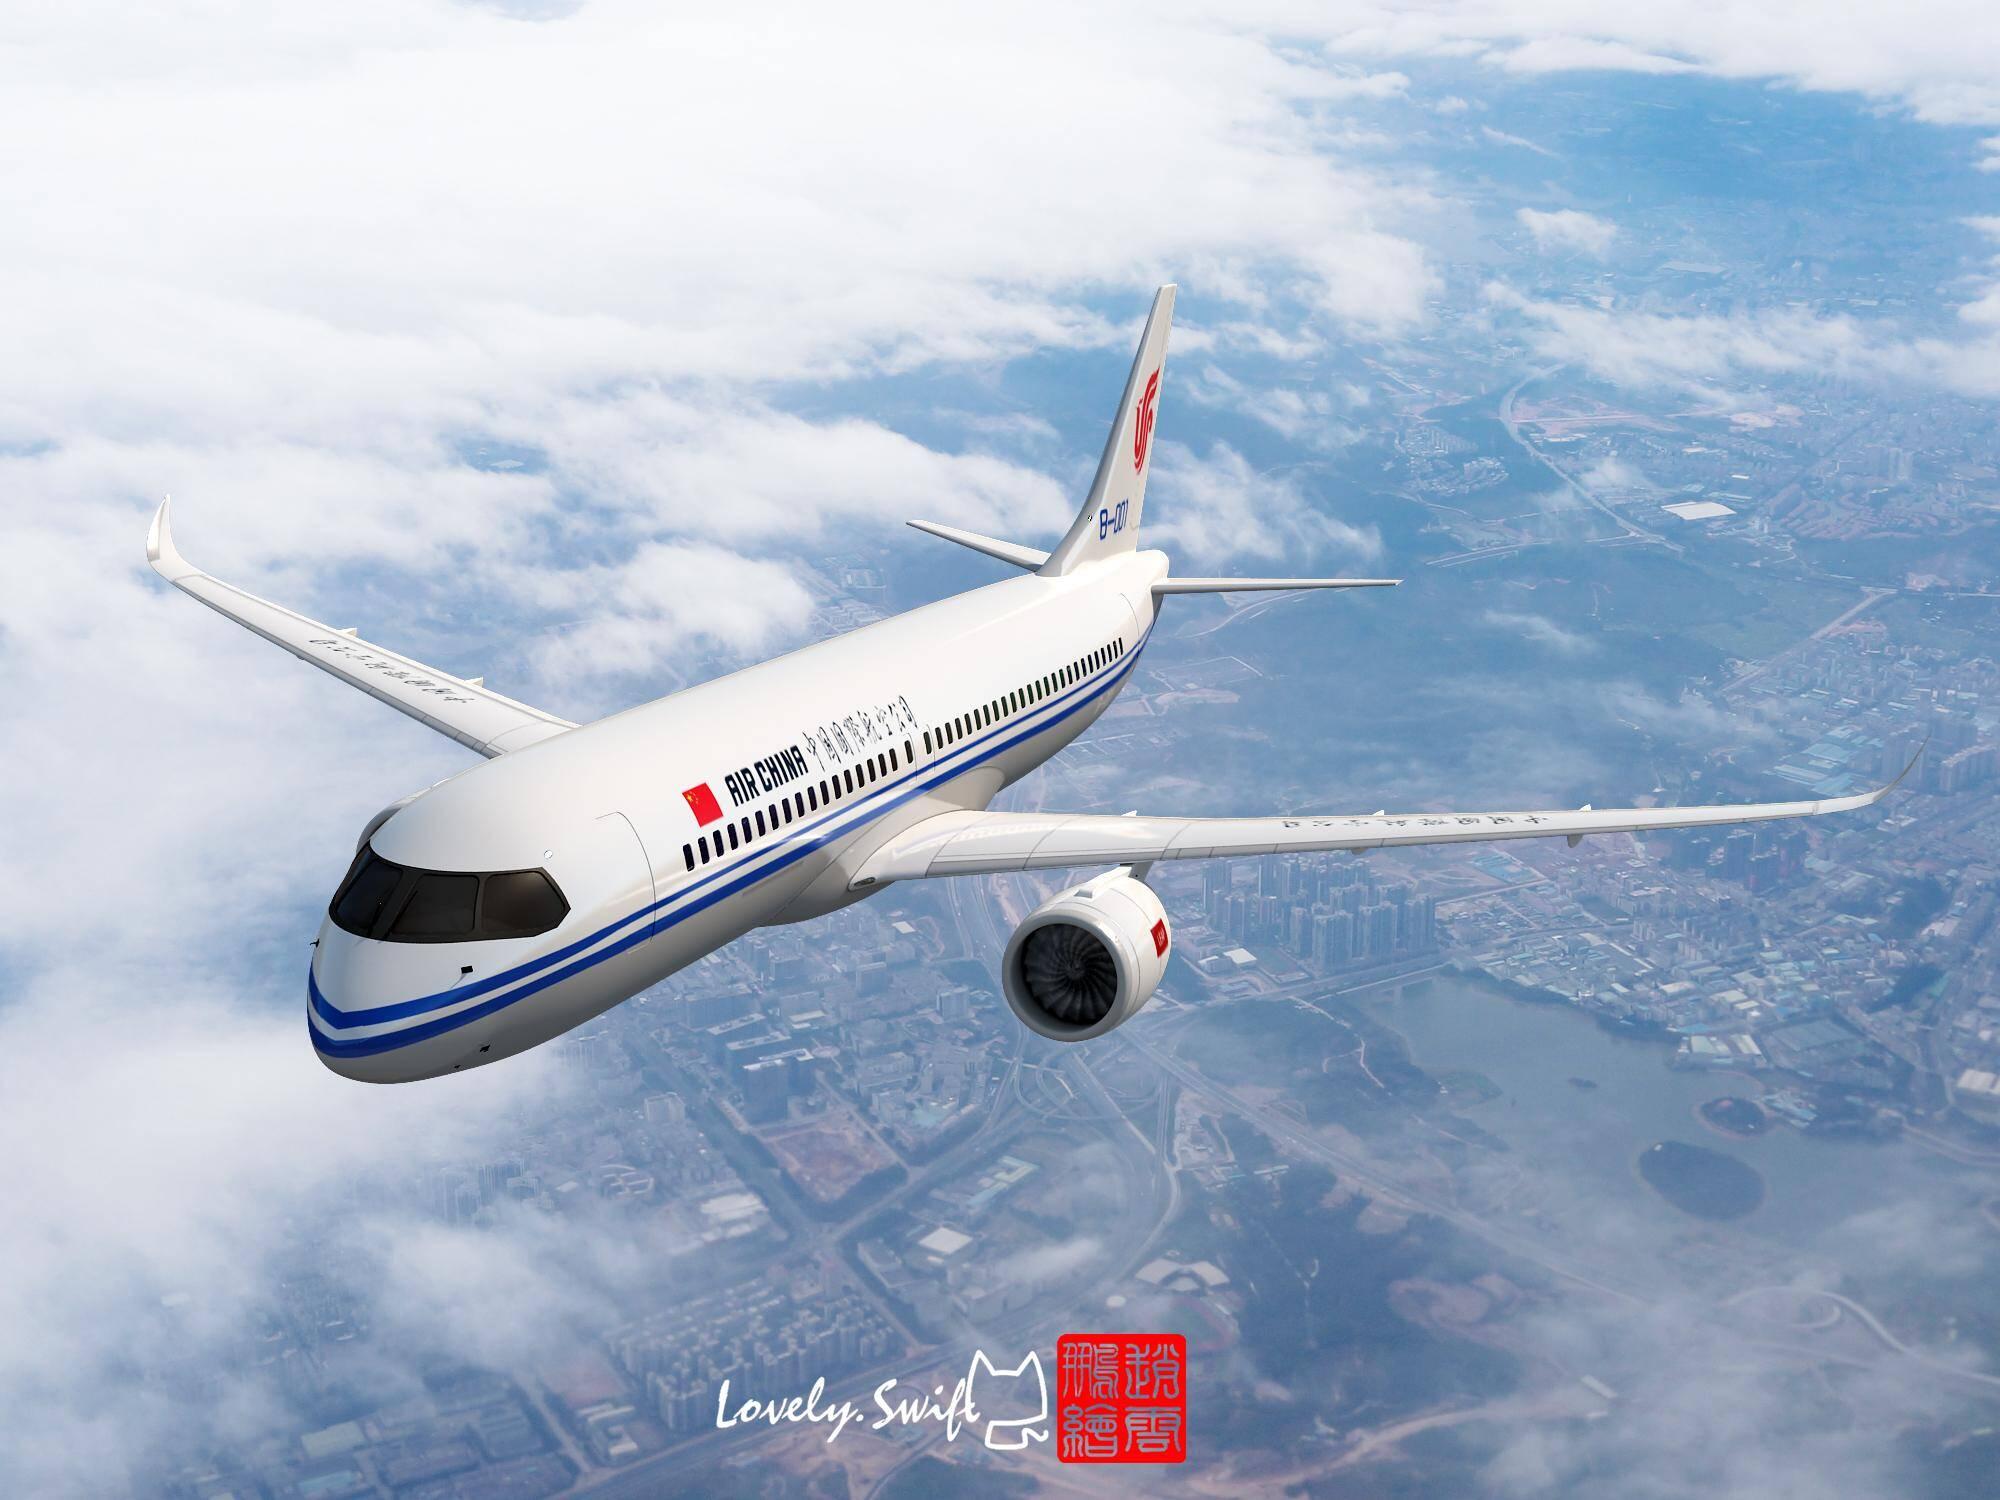 国产大飞机c919 各航空公司涂装cg_手机凤凰网